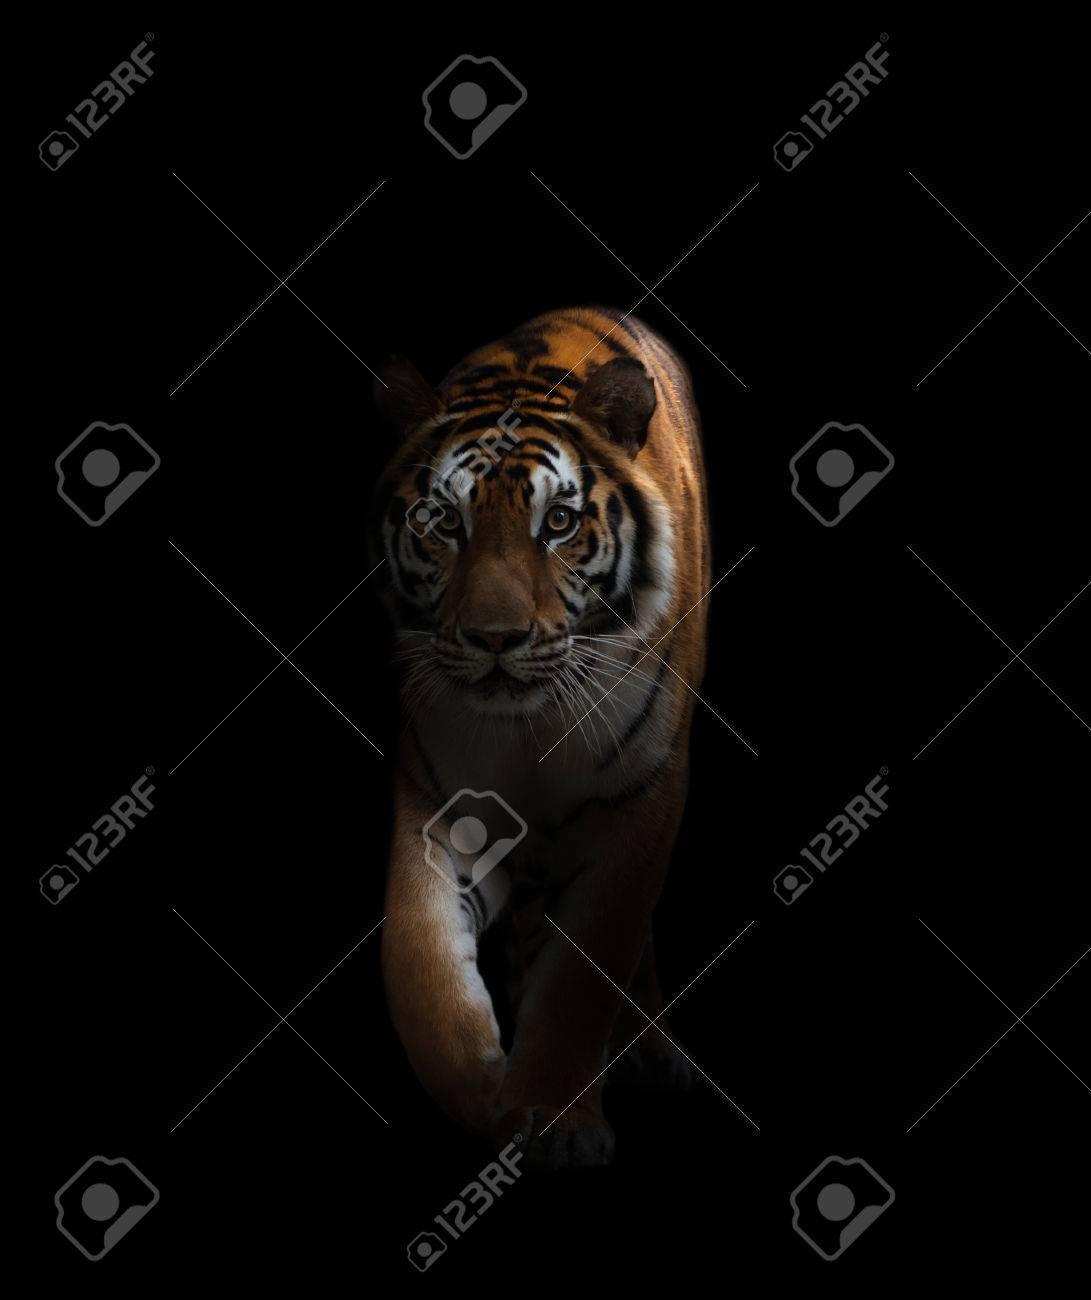 Ojos De Tigre Imagenes Y Fotos 123rf